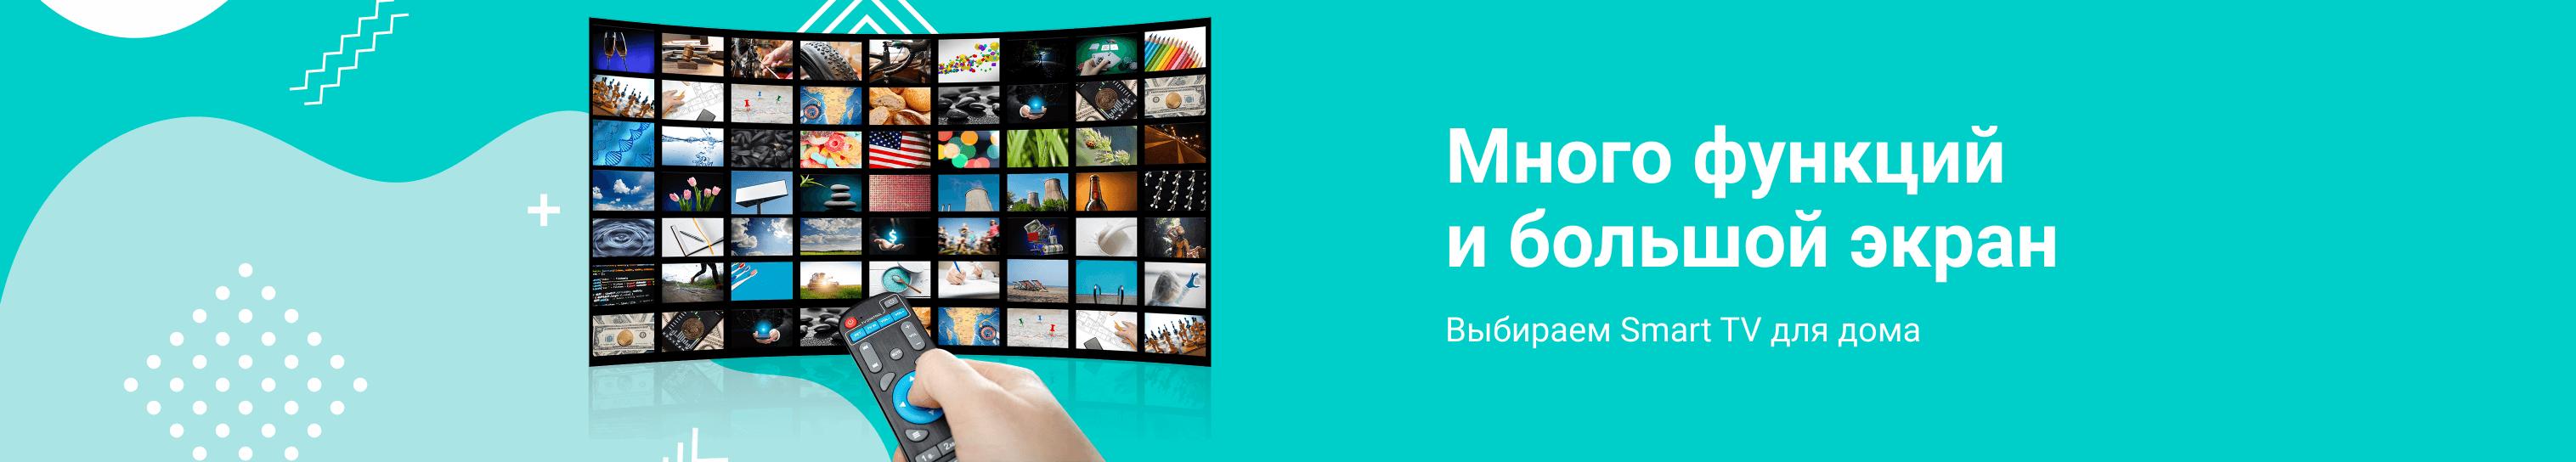 Выбираем Smart TV для дома